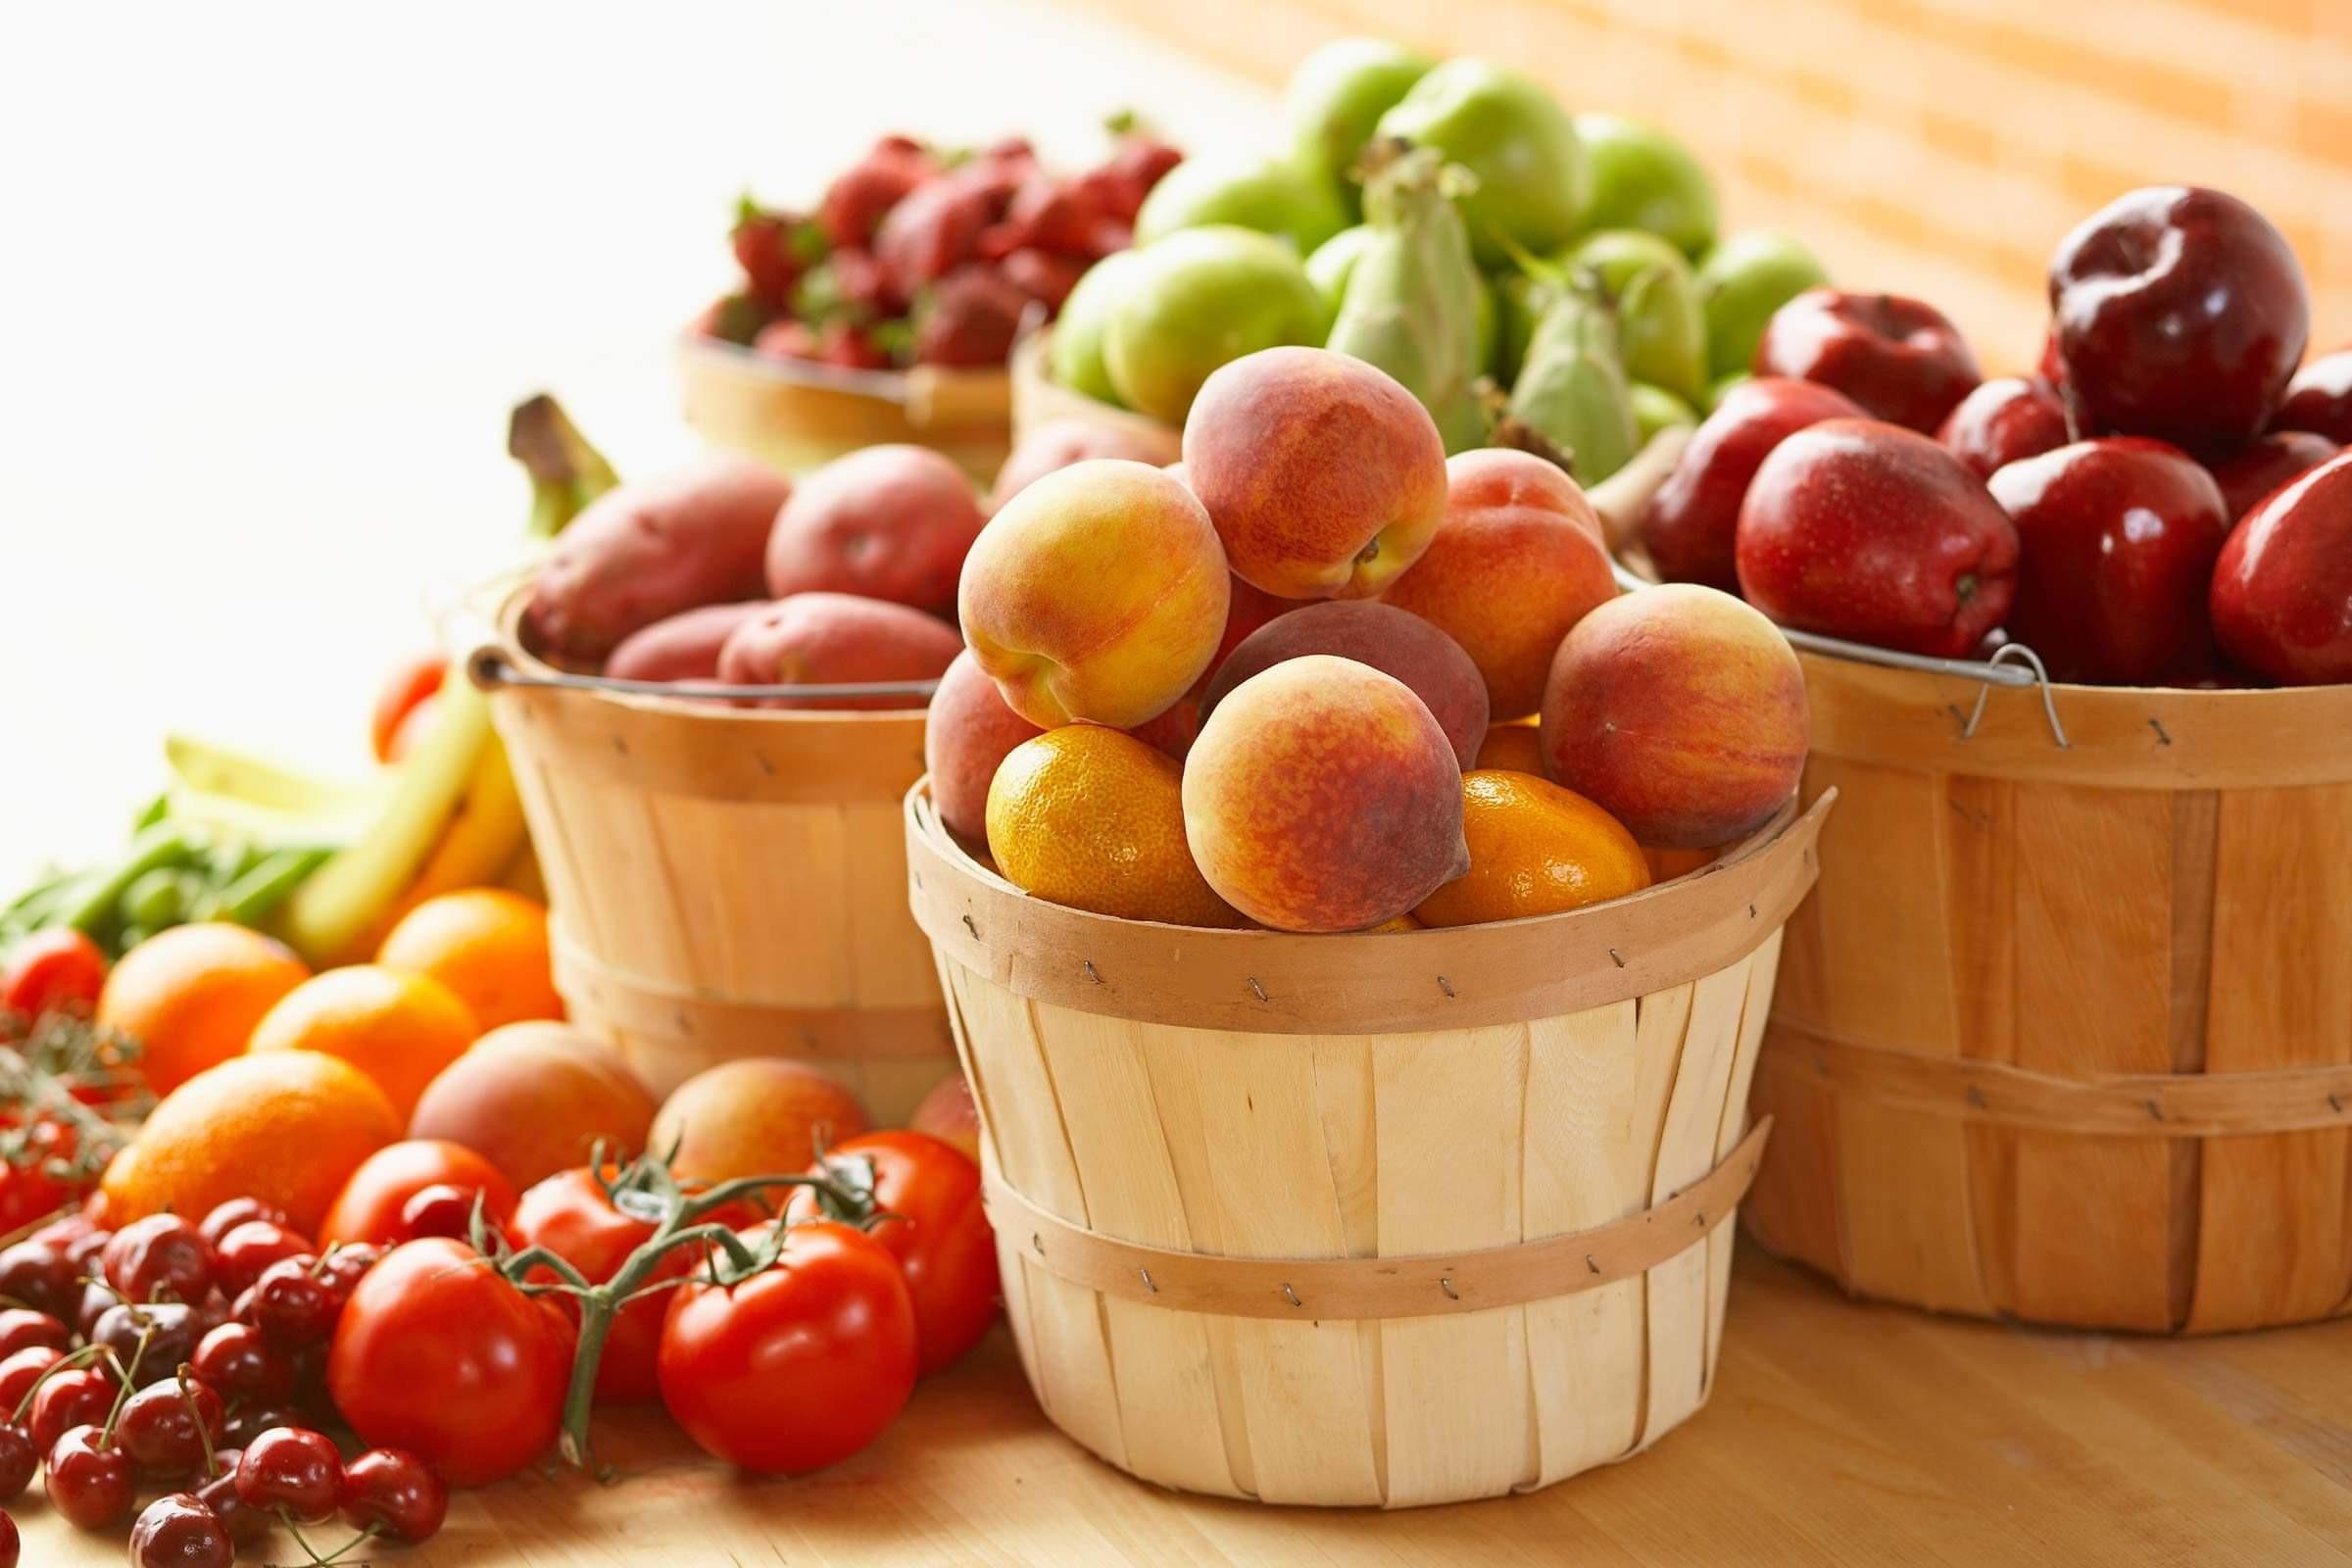 Các loại trái cây là nguồn cung cấp vitamin C tuyệt vời giúp làm chậm quá trình lão hóa và làm đẹp da